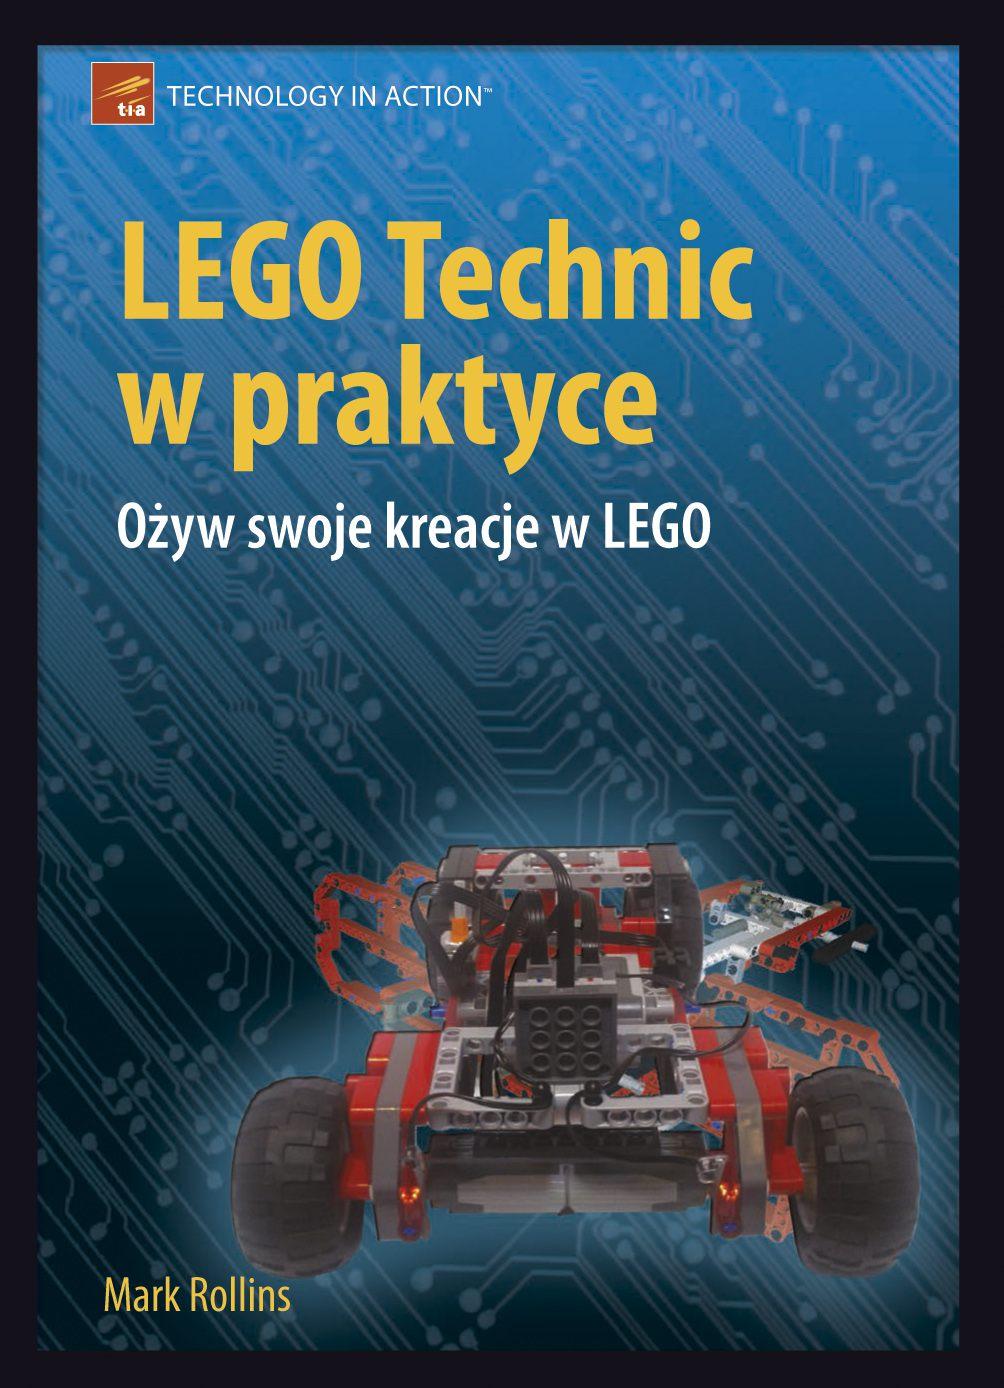 LEGO Technic w praktyce - Ebook (Książka PDF) do pobrania w formacie PDF